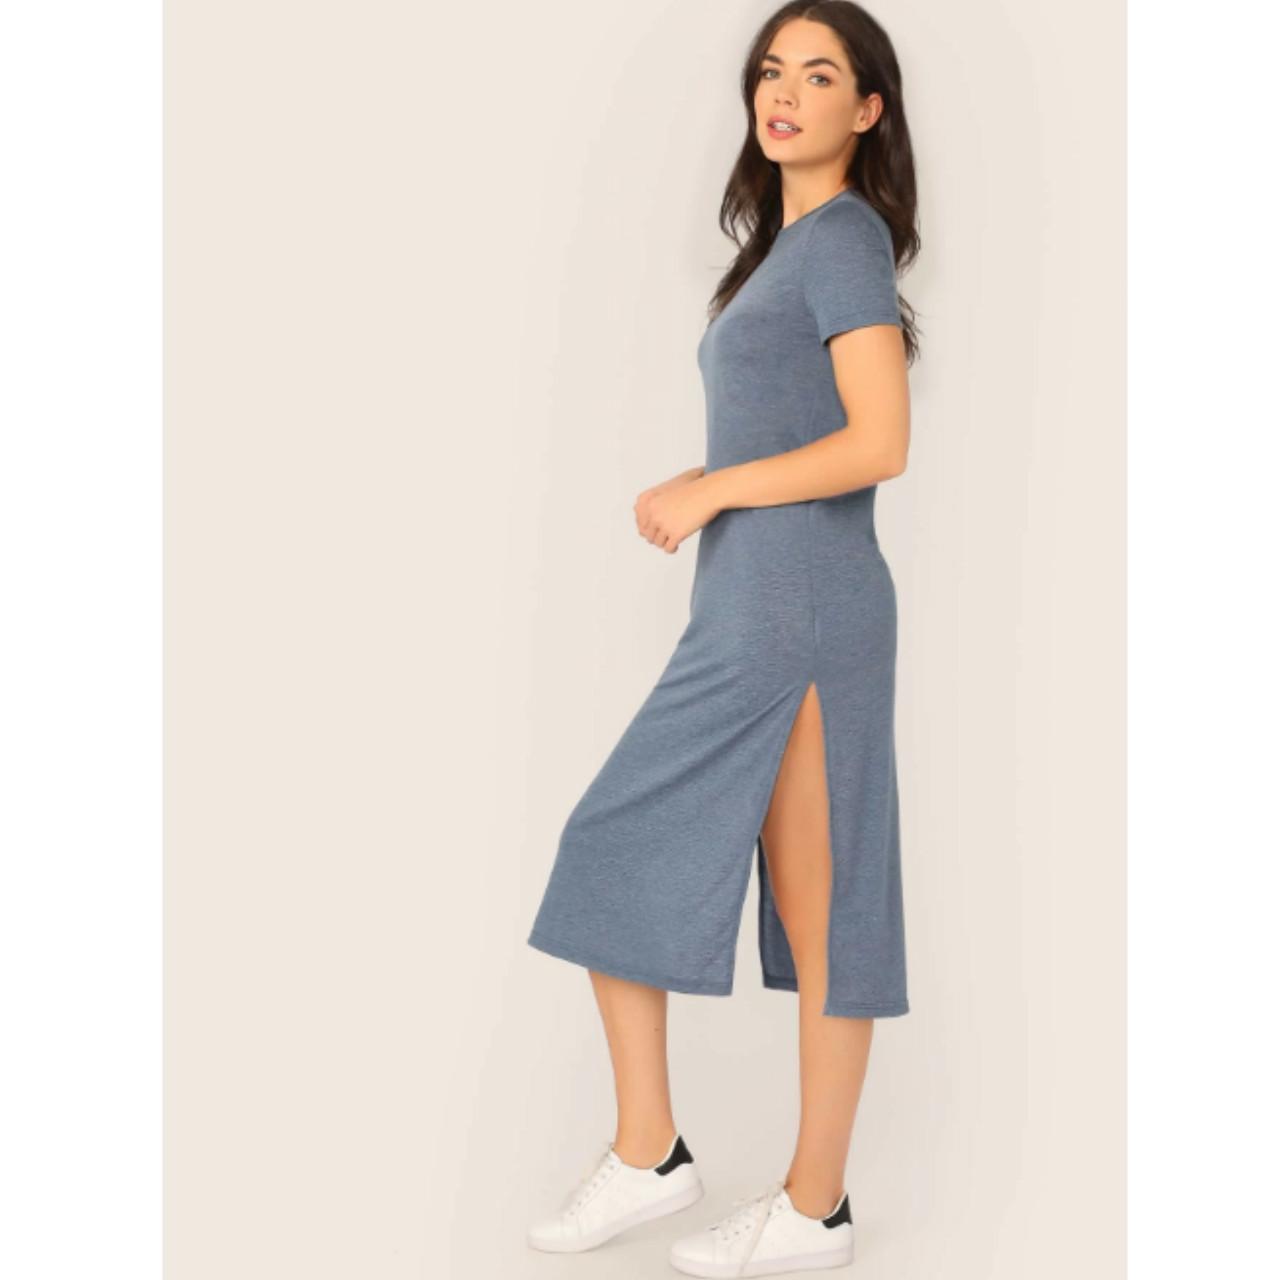 Solid short sleeve side slit dress m